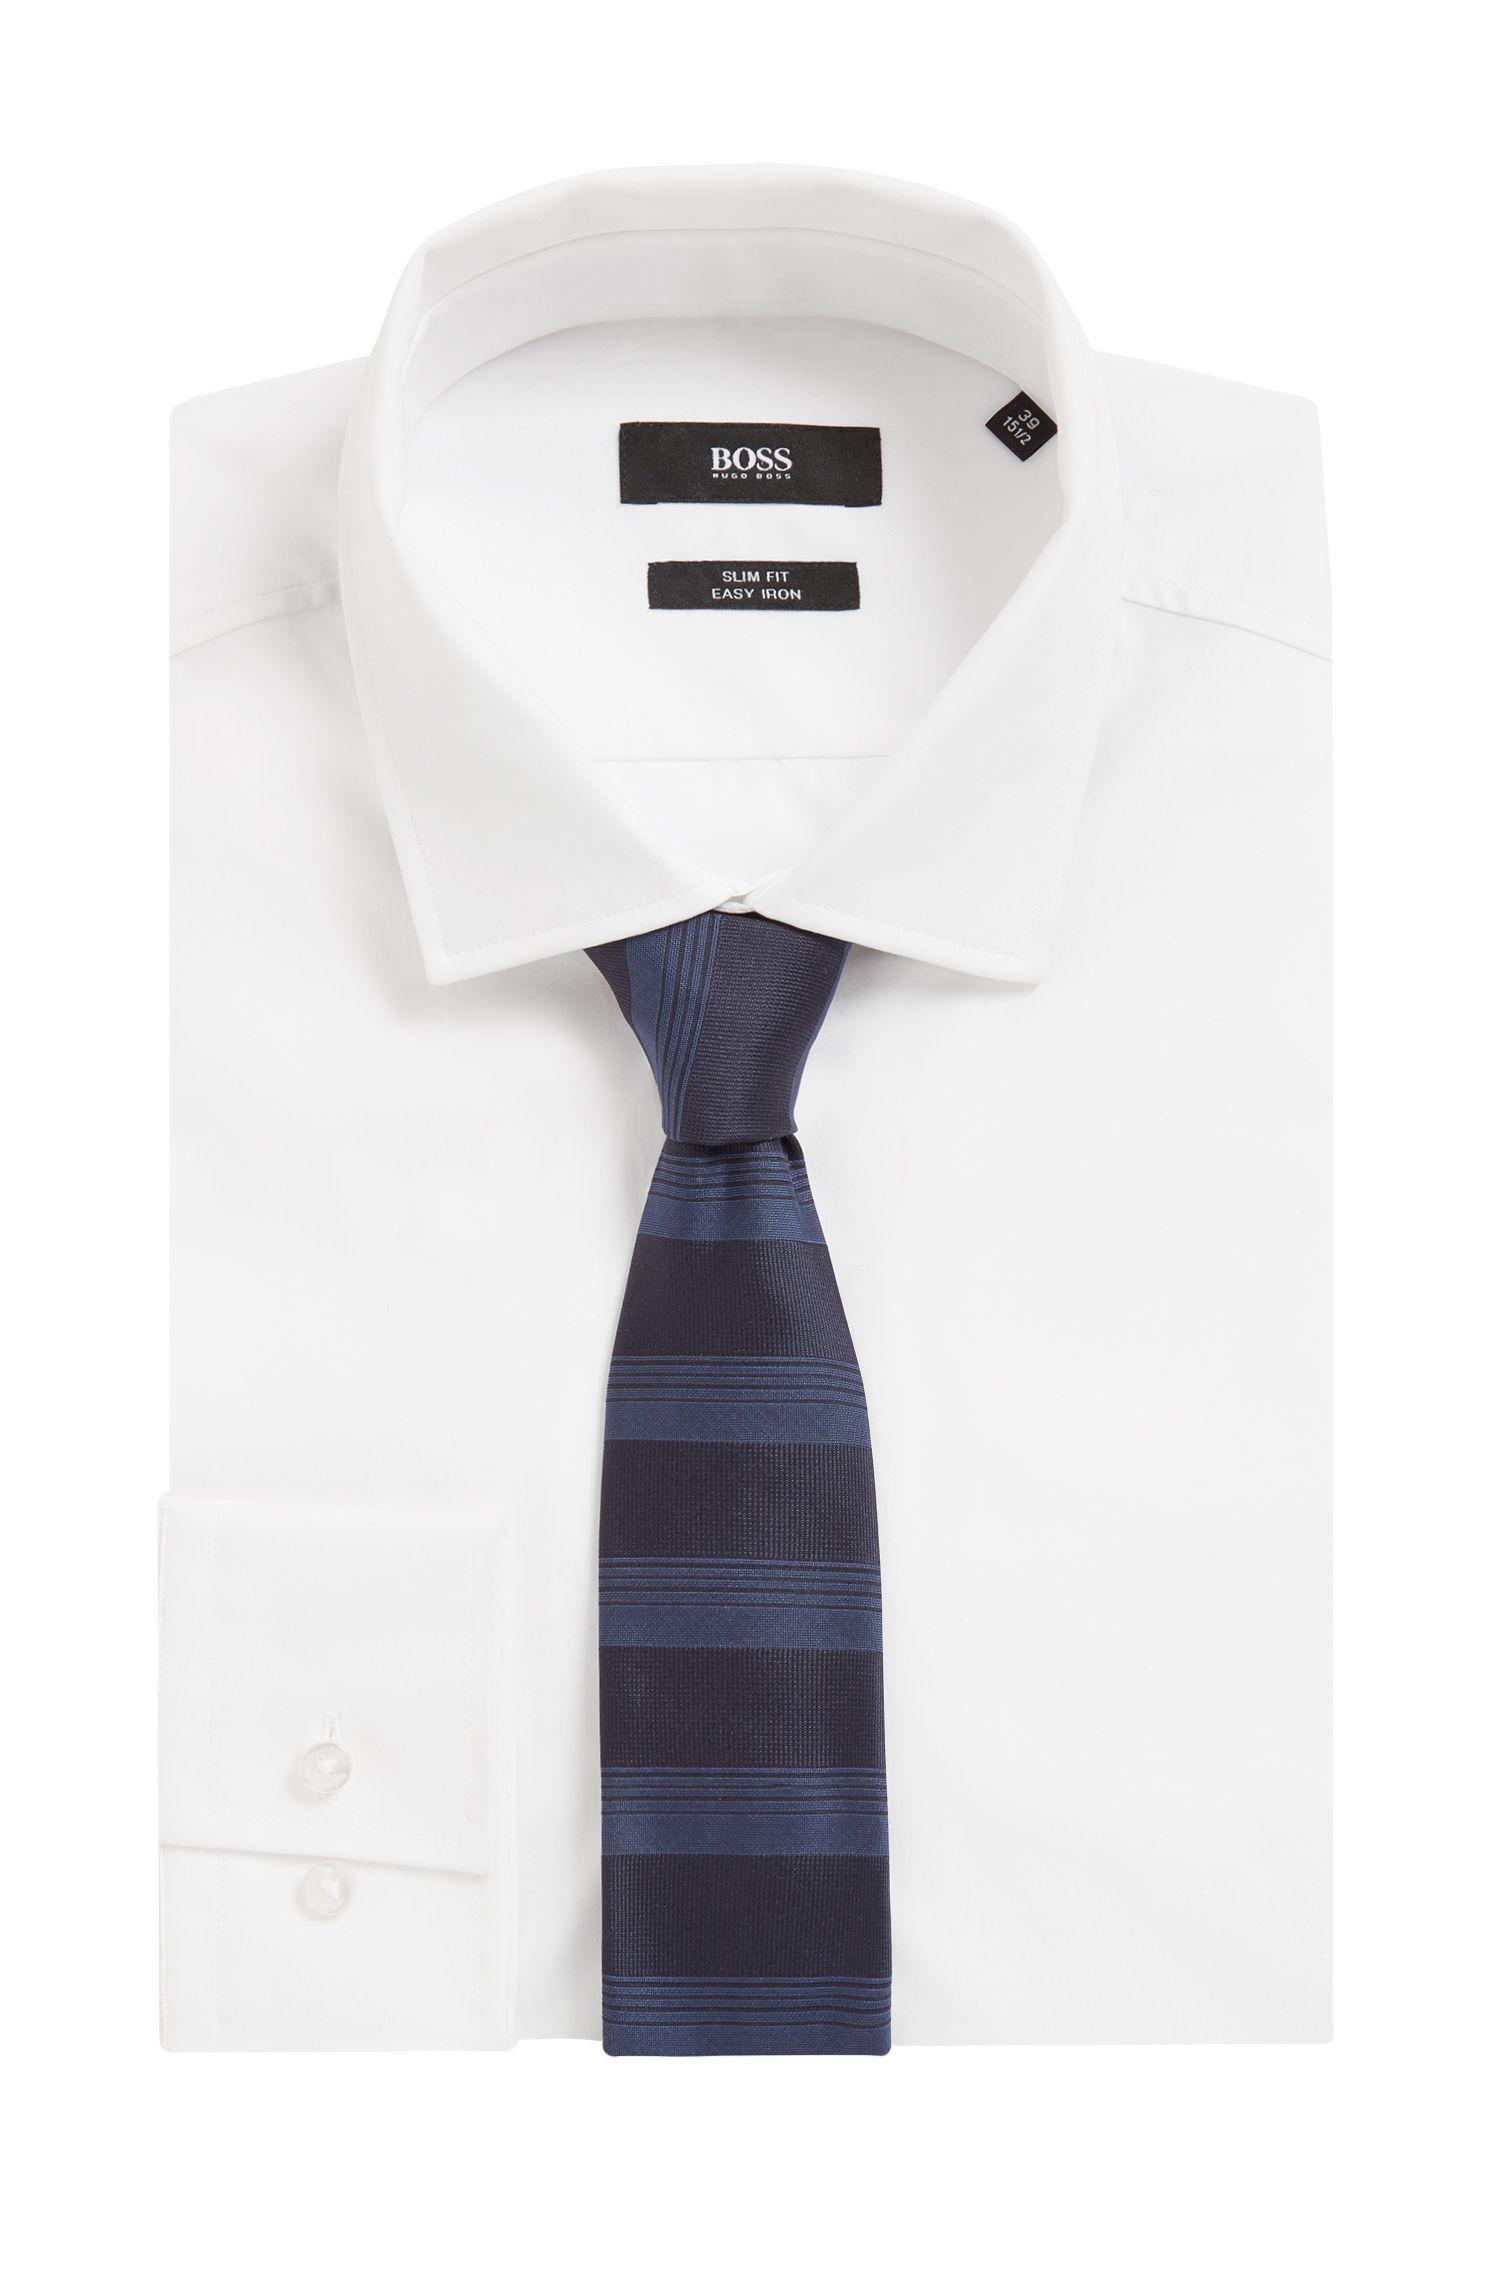 Met de hand gemaakte stropdas in een jacquard van zijde met dwarsstrepen